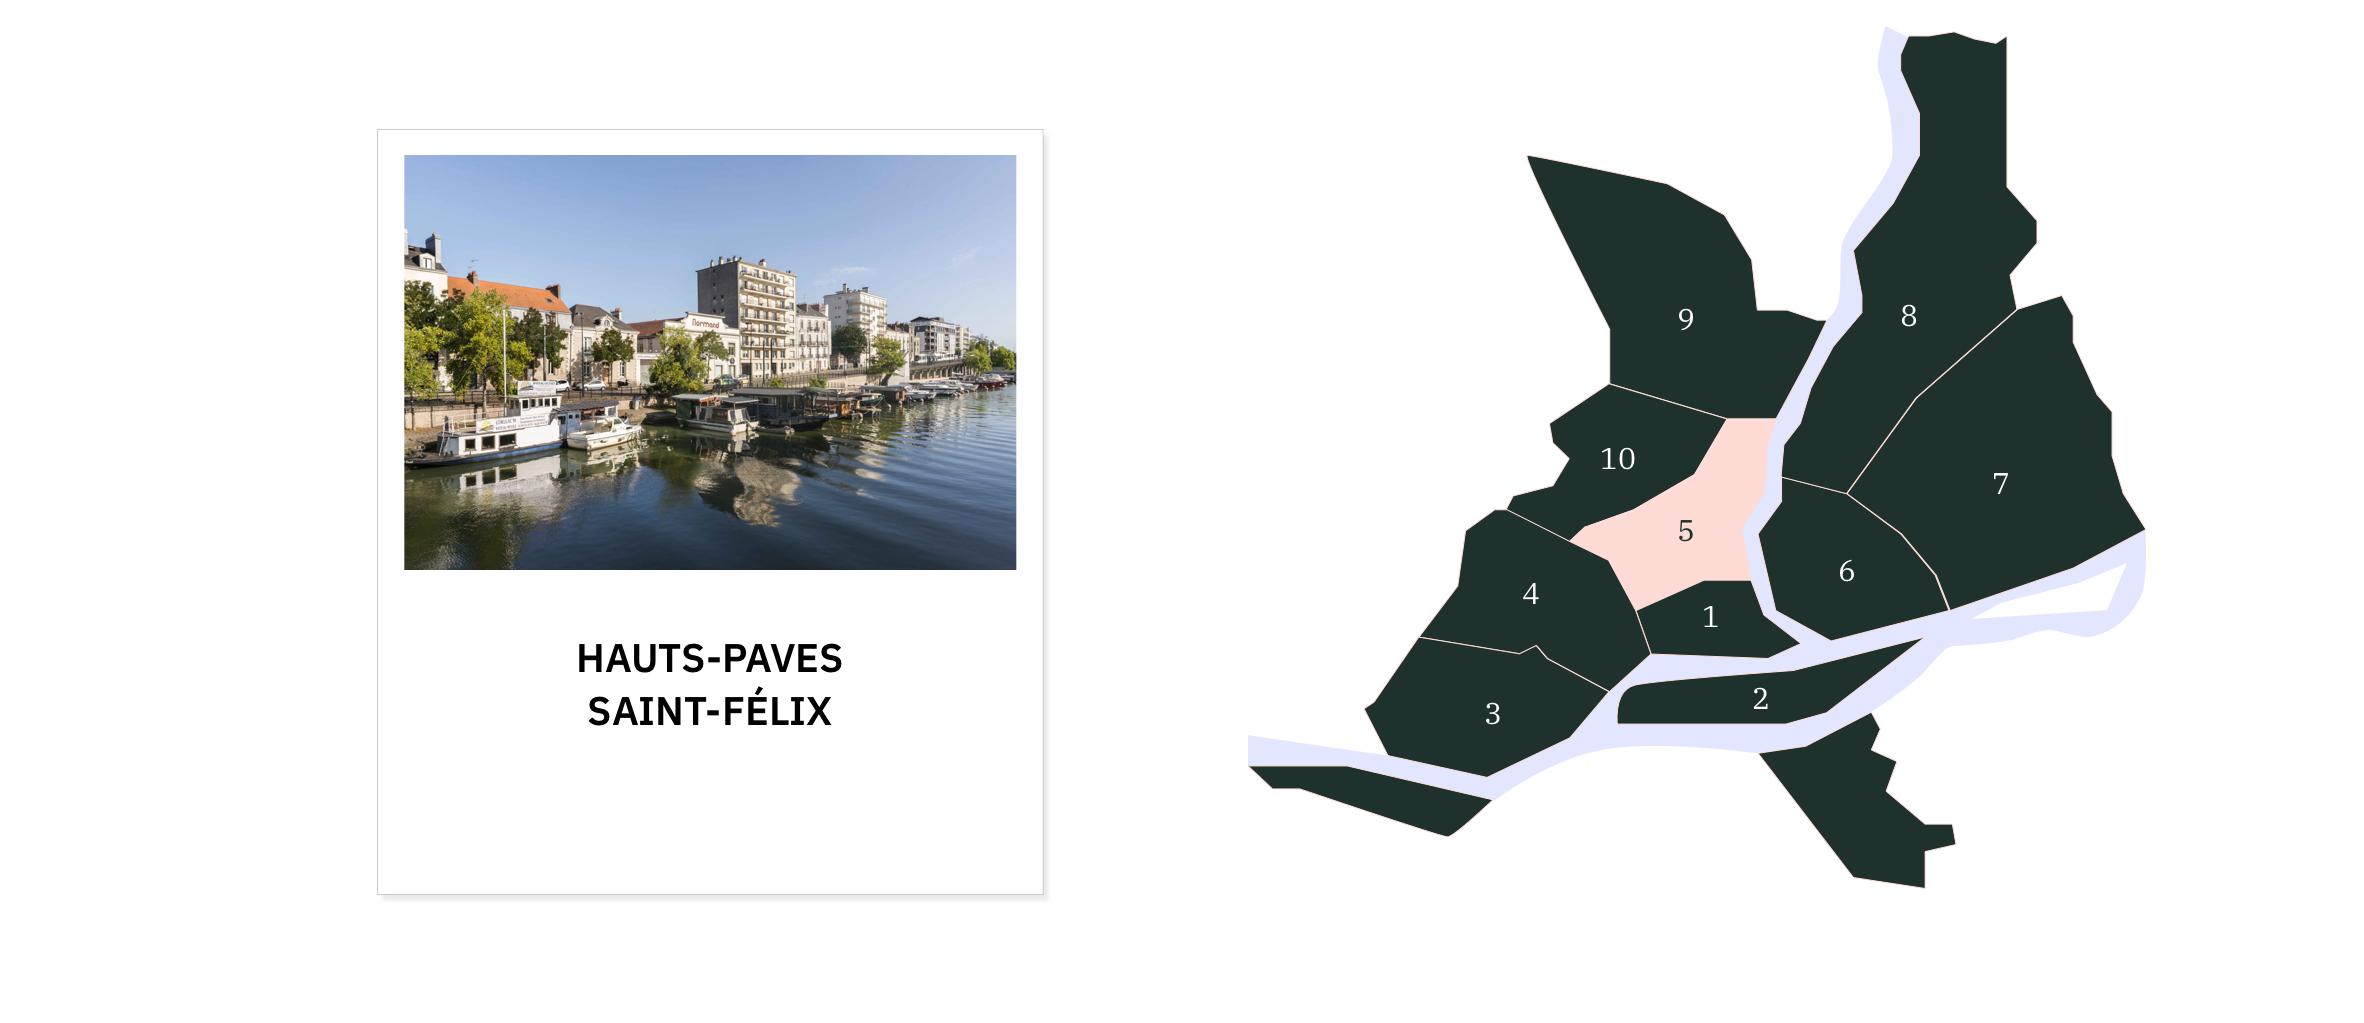 Hauts-Pavés • Saint-Félix ⎜Carte des quartiers de Nantes